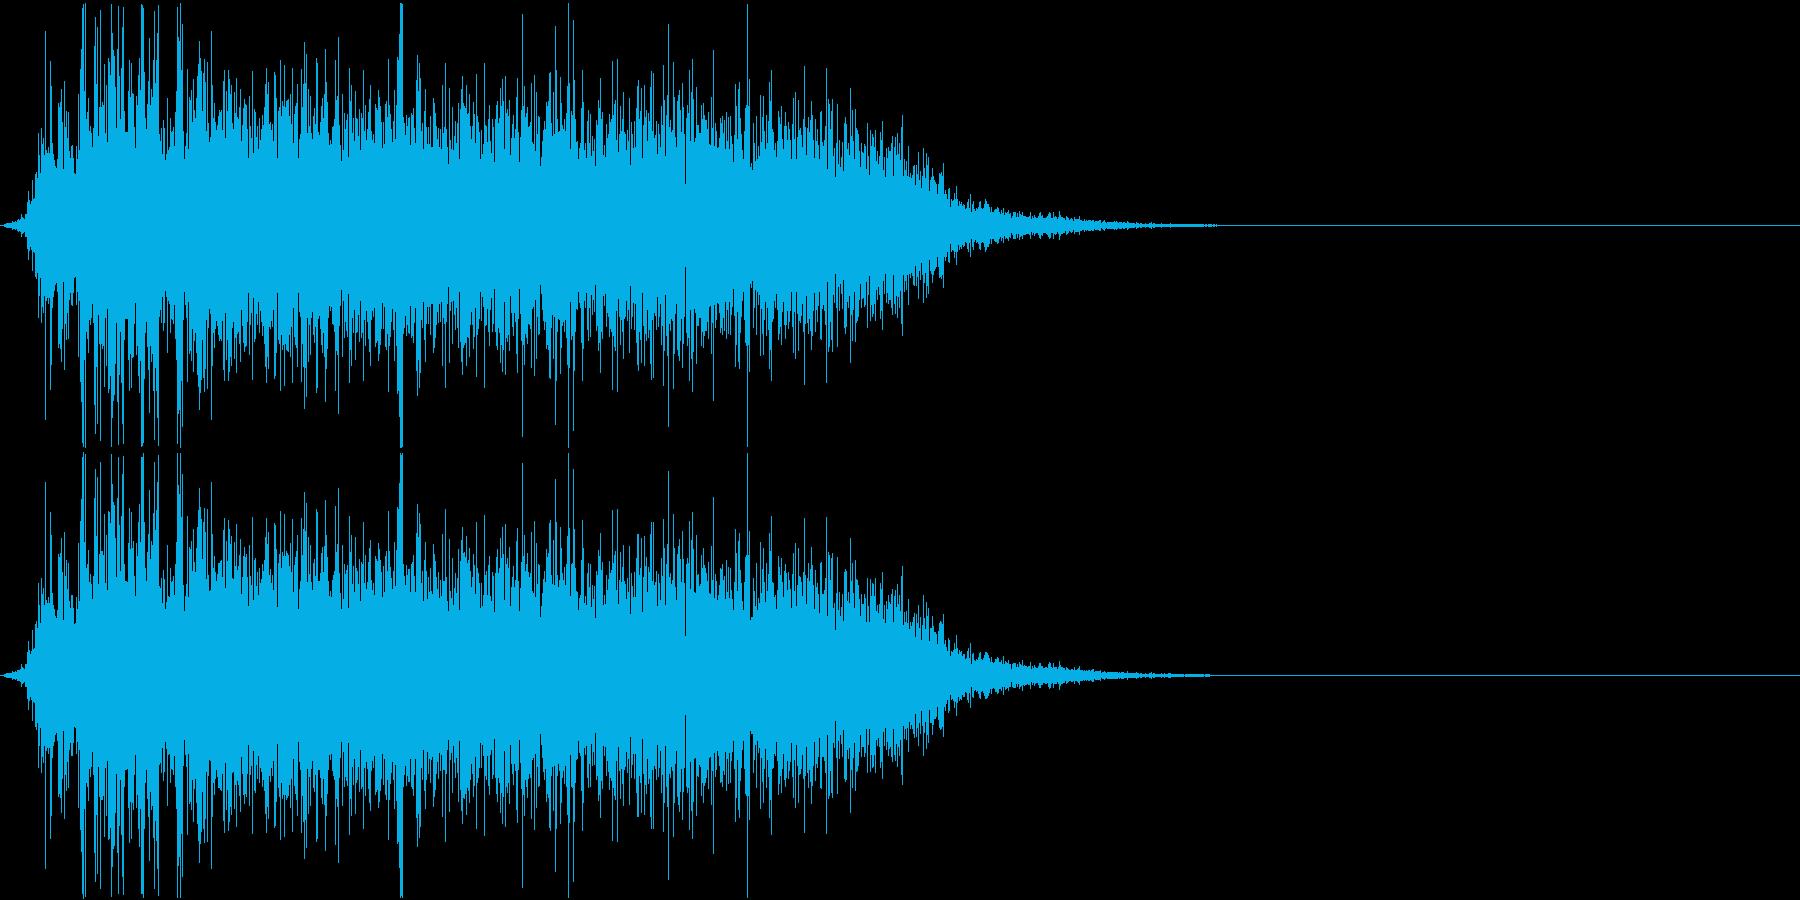 巨大な魚が泳ぐ音の再生済みの波形